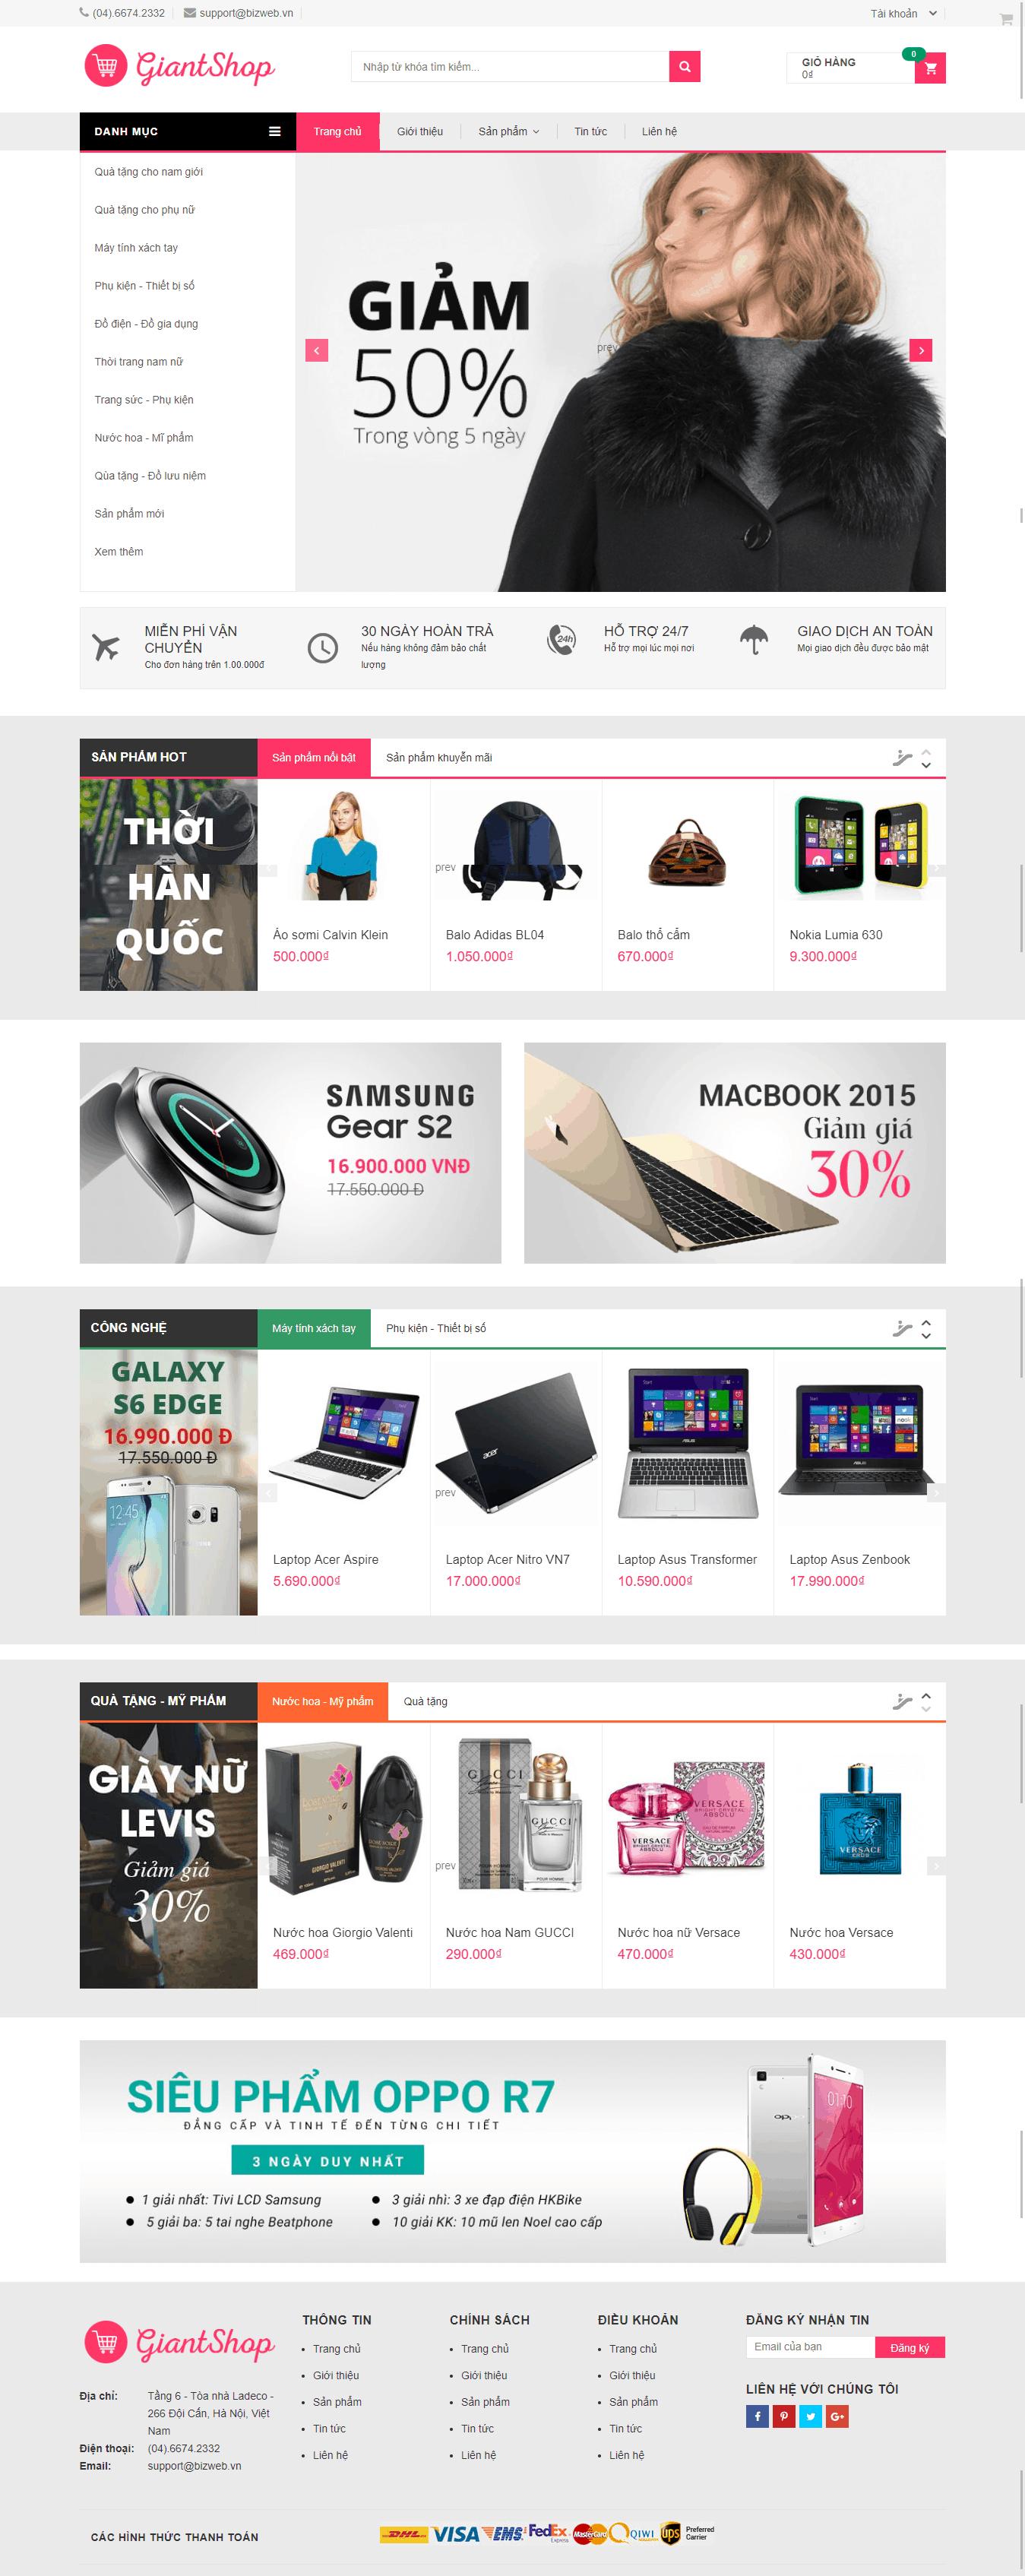 Thiết kế website Thiết kế website thời trang, bán quần áo Giant shop